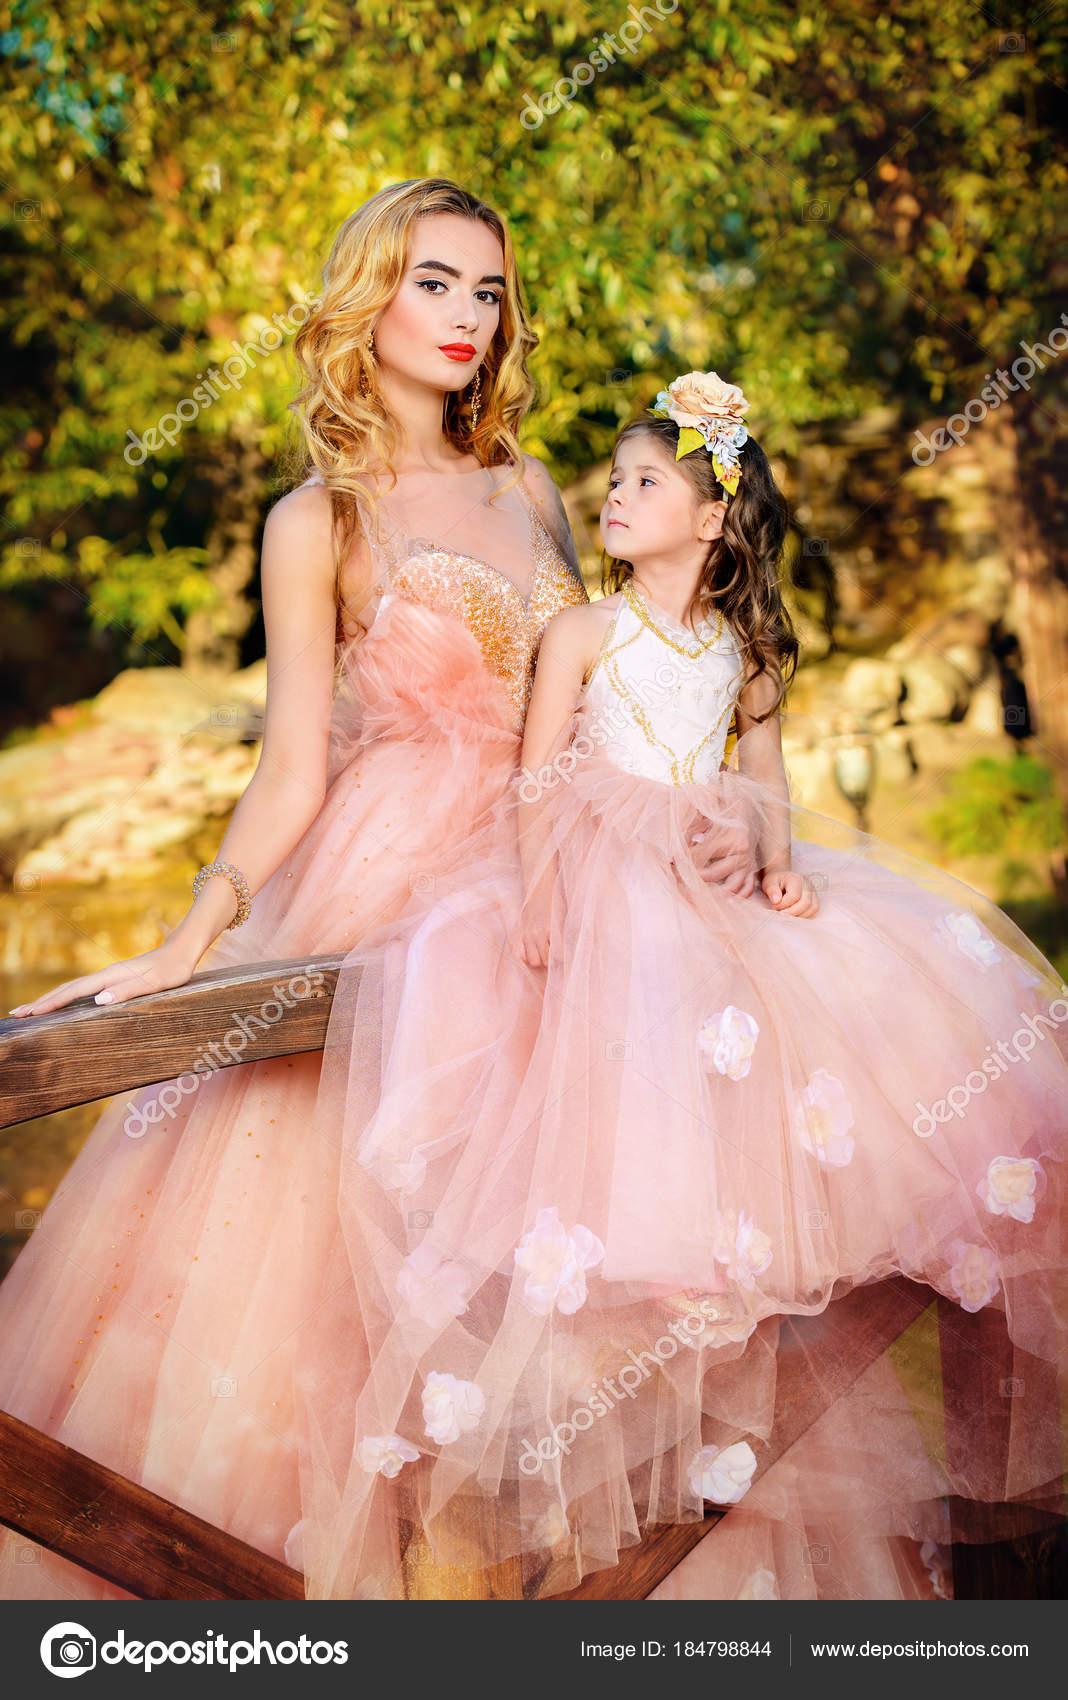 madre e hija en vestidos — Foto de stock © prometeus #184798844